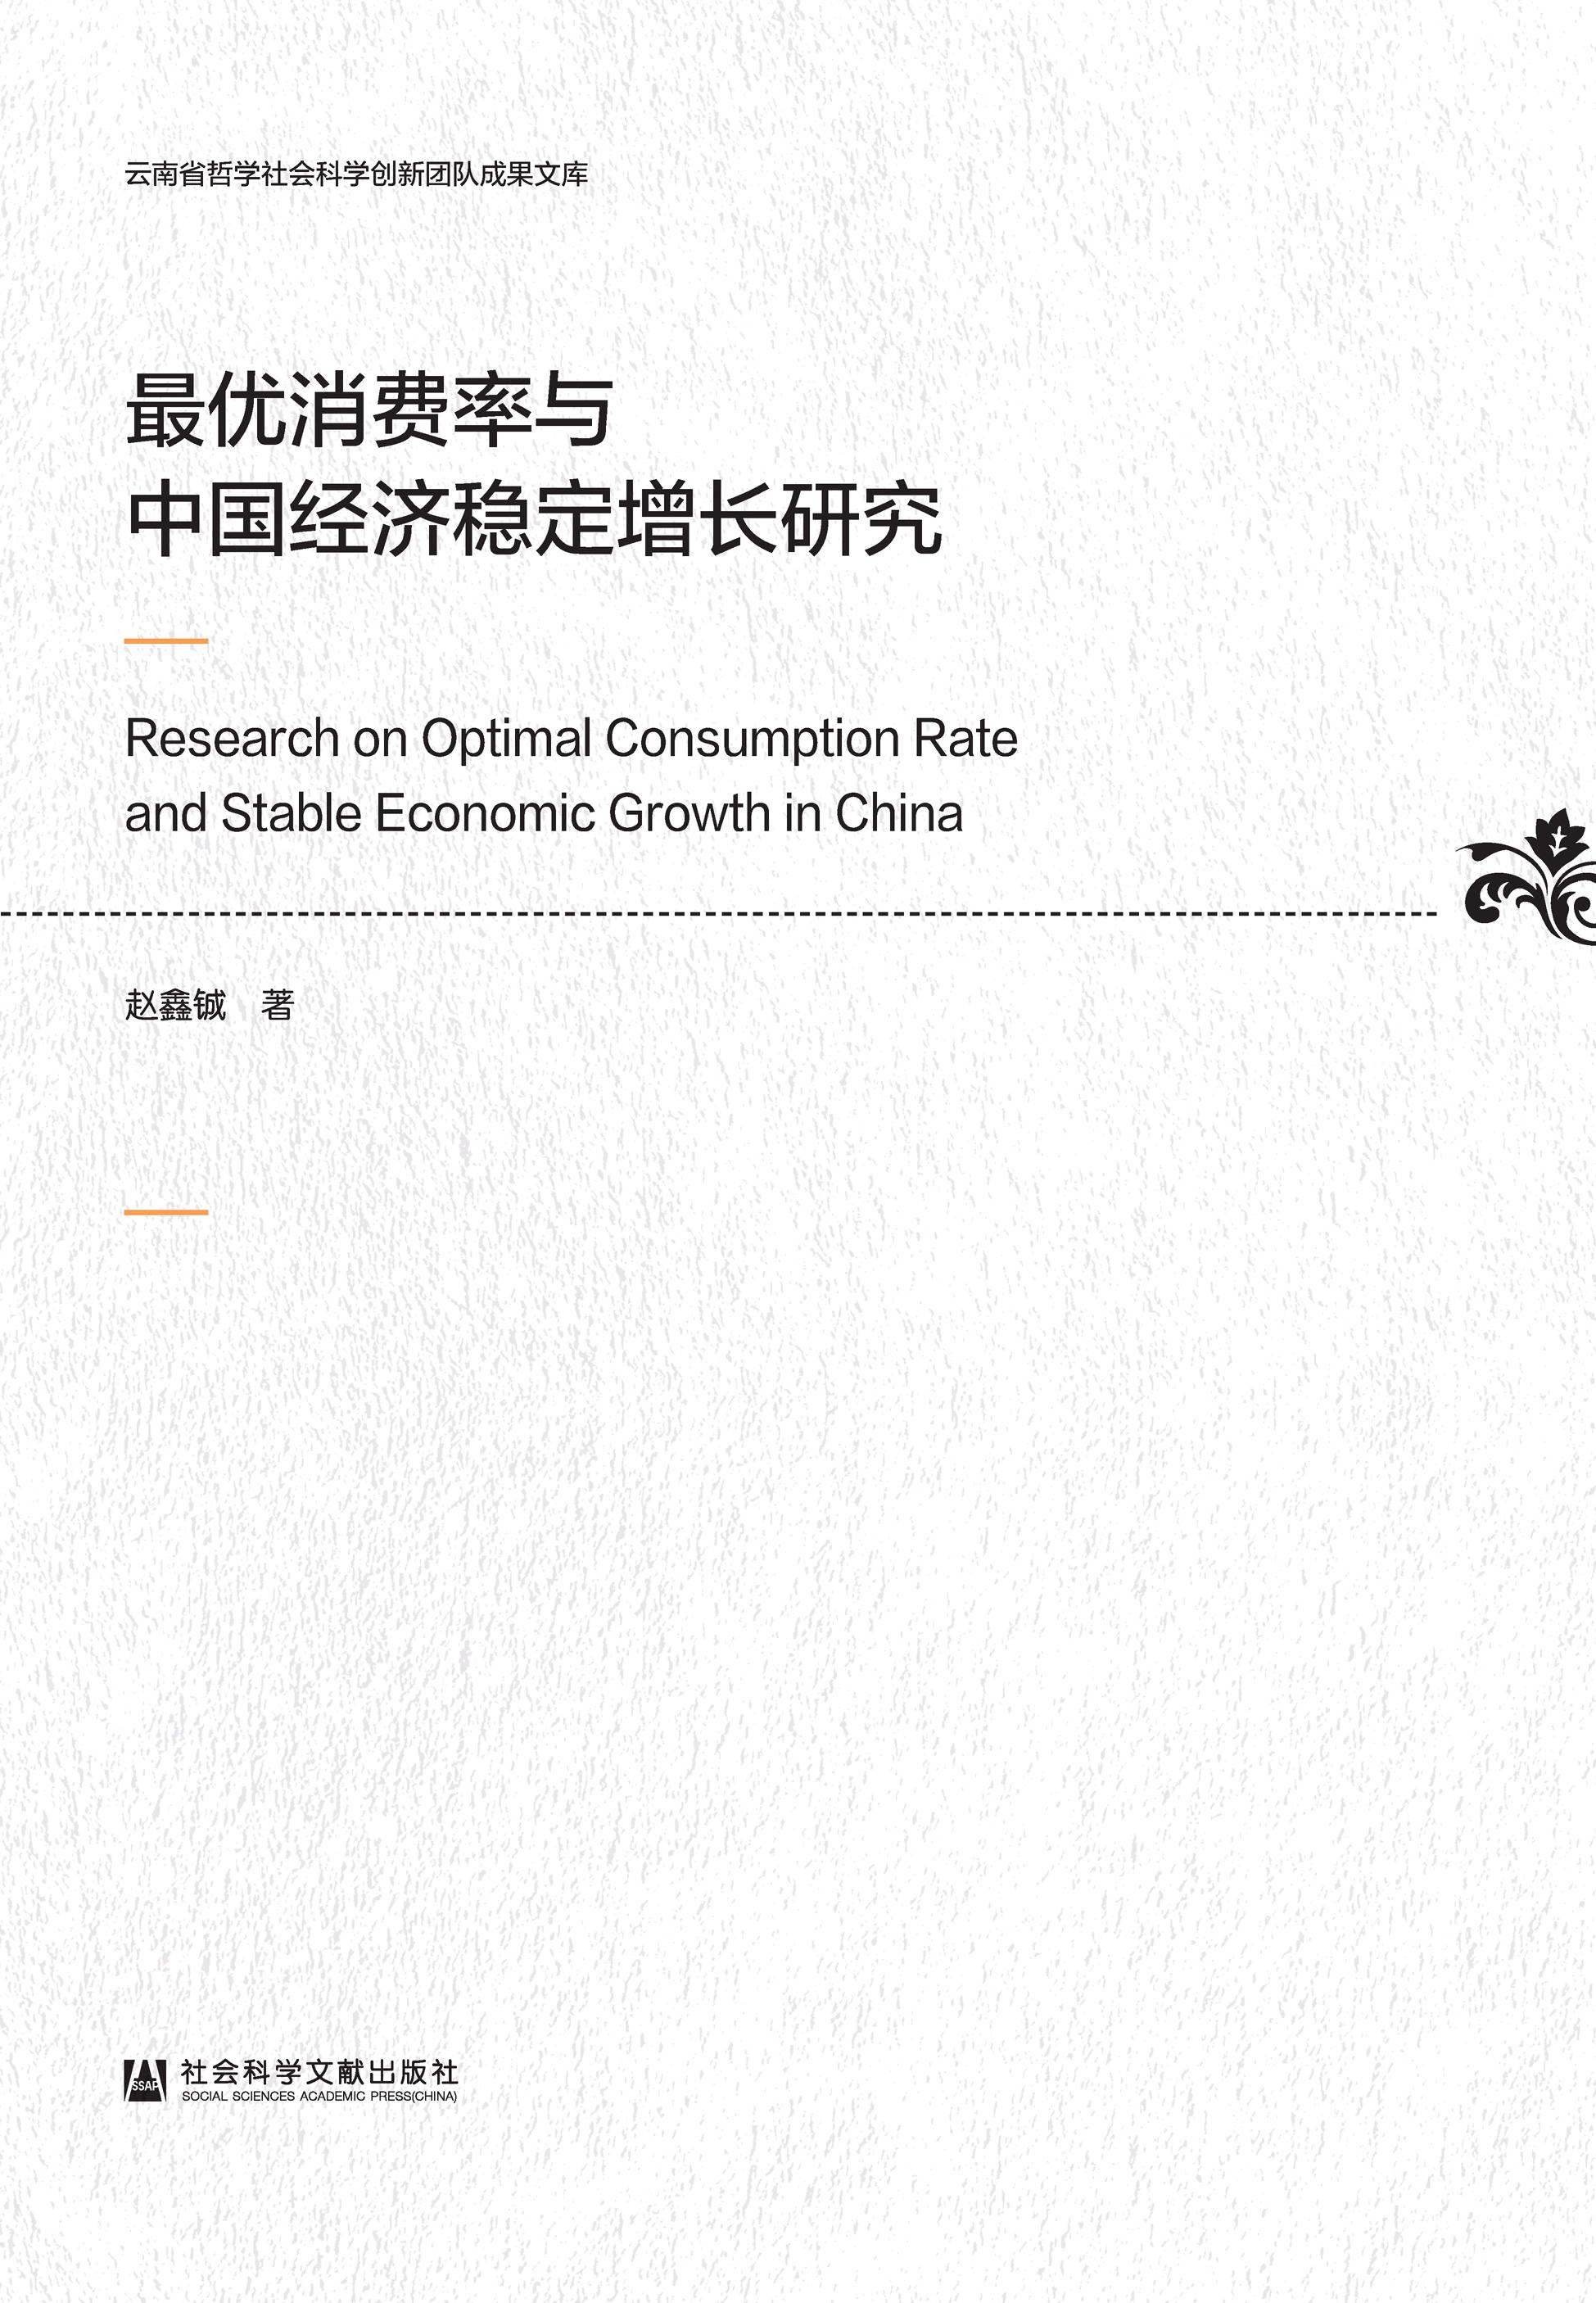 最优消费率与中国经济稳定增长研究